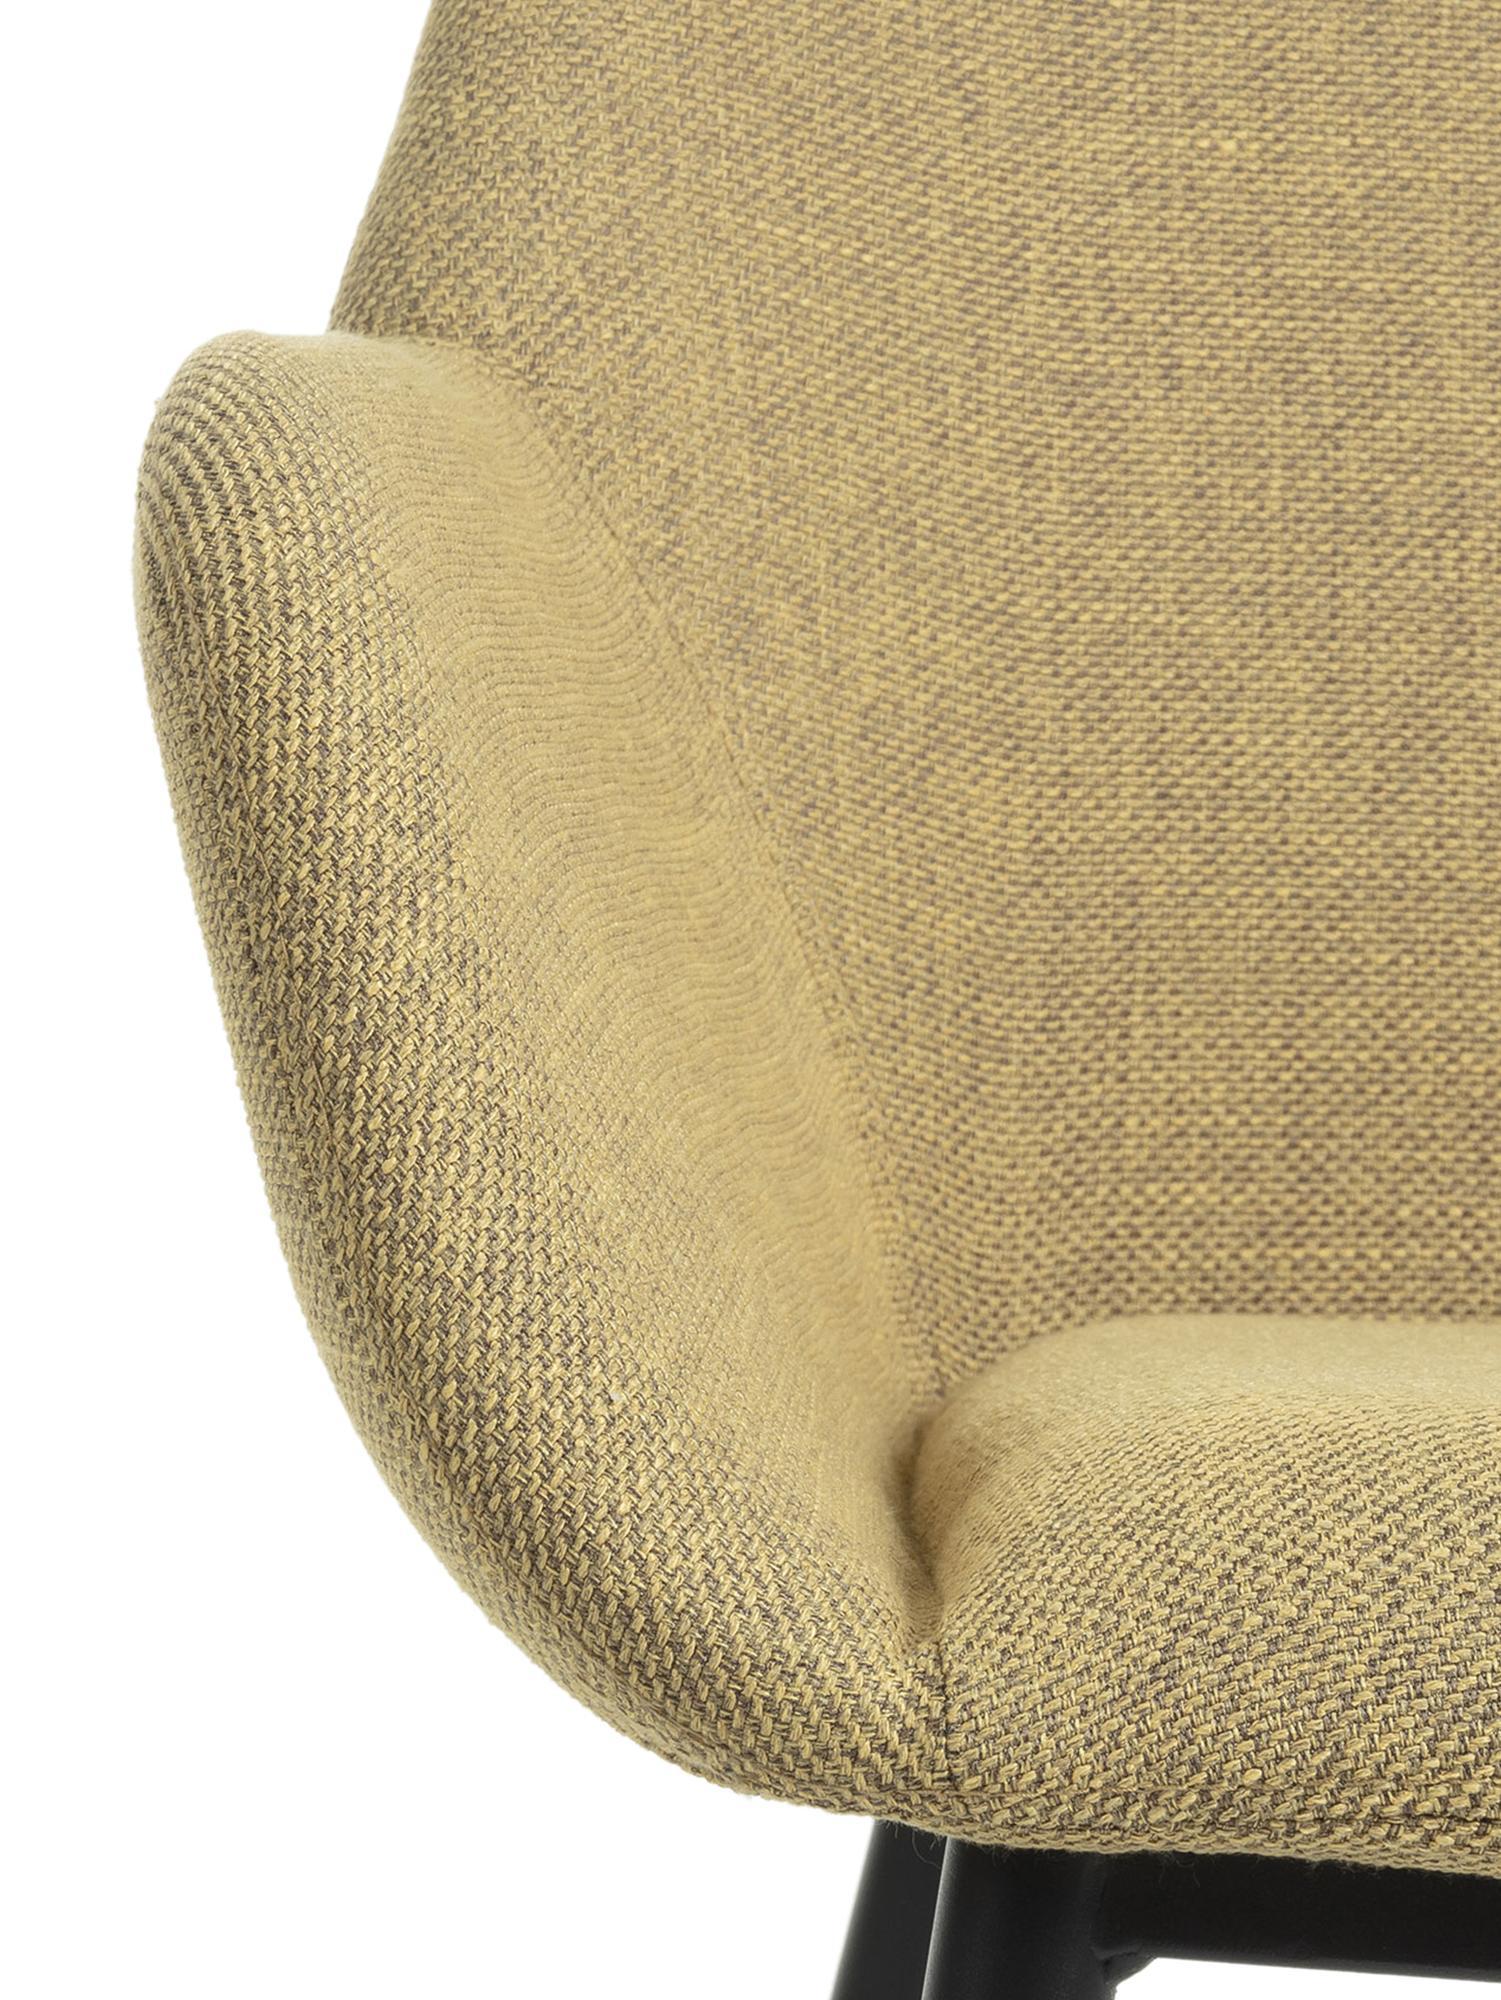 Armlehnstühle Kona, 2 Stück, Bezug: Polyester 50.000 Scheuert, Beine: Metall, lackiert, Webstoff Senfgelb, B 59 x T 56 cm